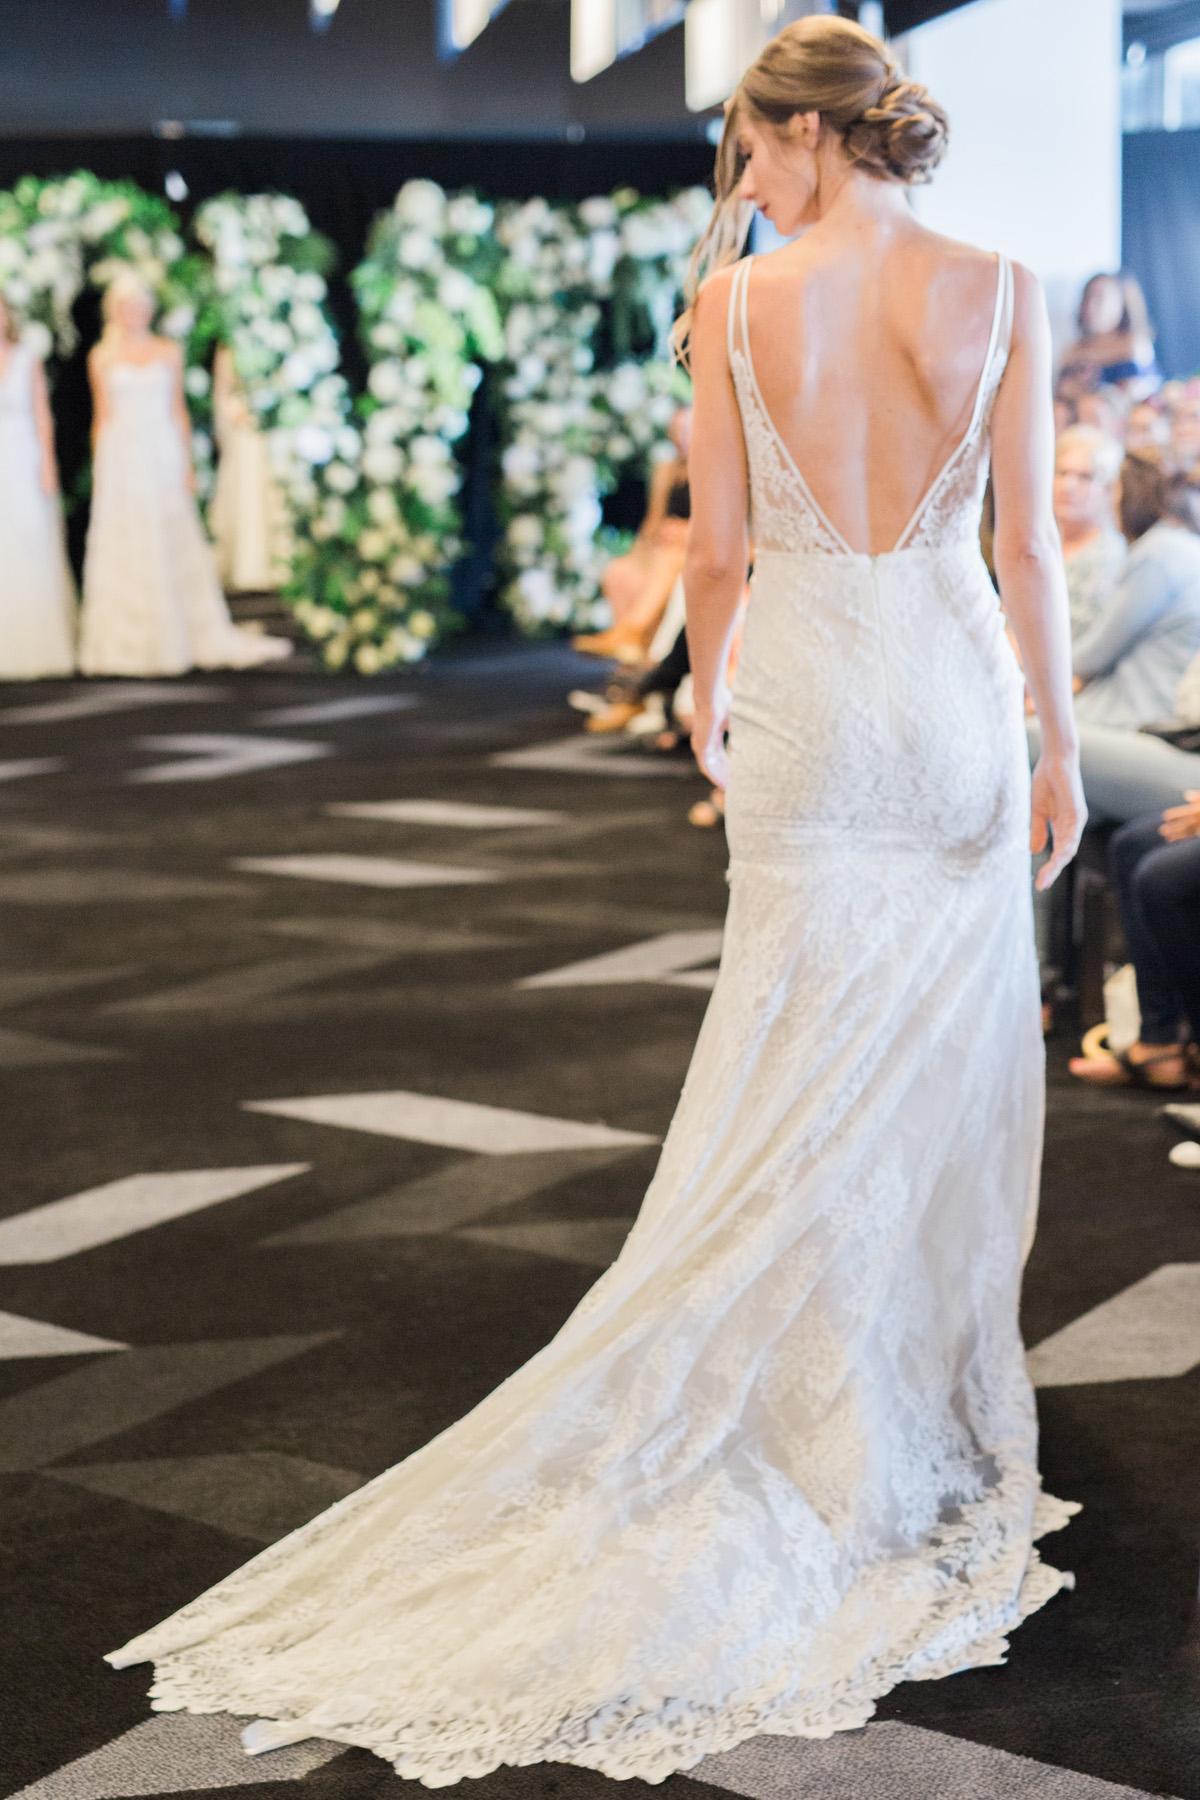 Love-Wedding-Festival-Sydney-Wedding-Gown-Angela-Osagie-22.jpg